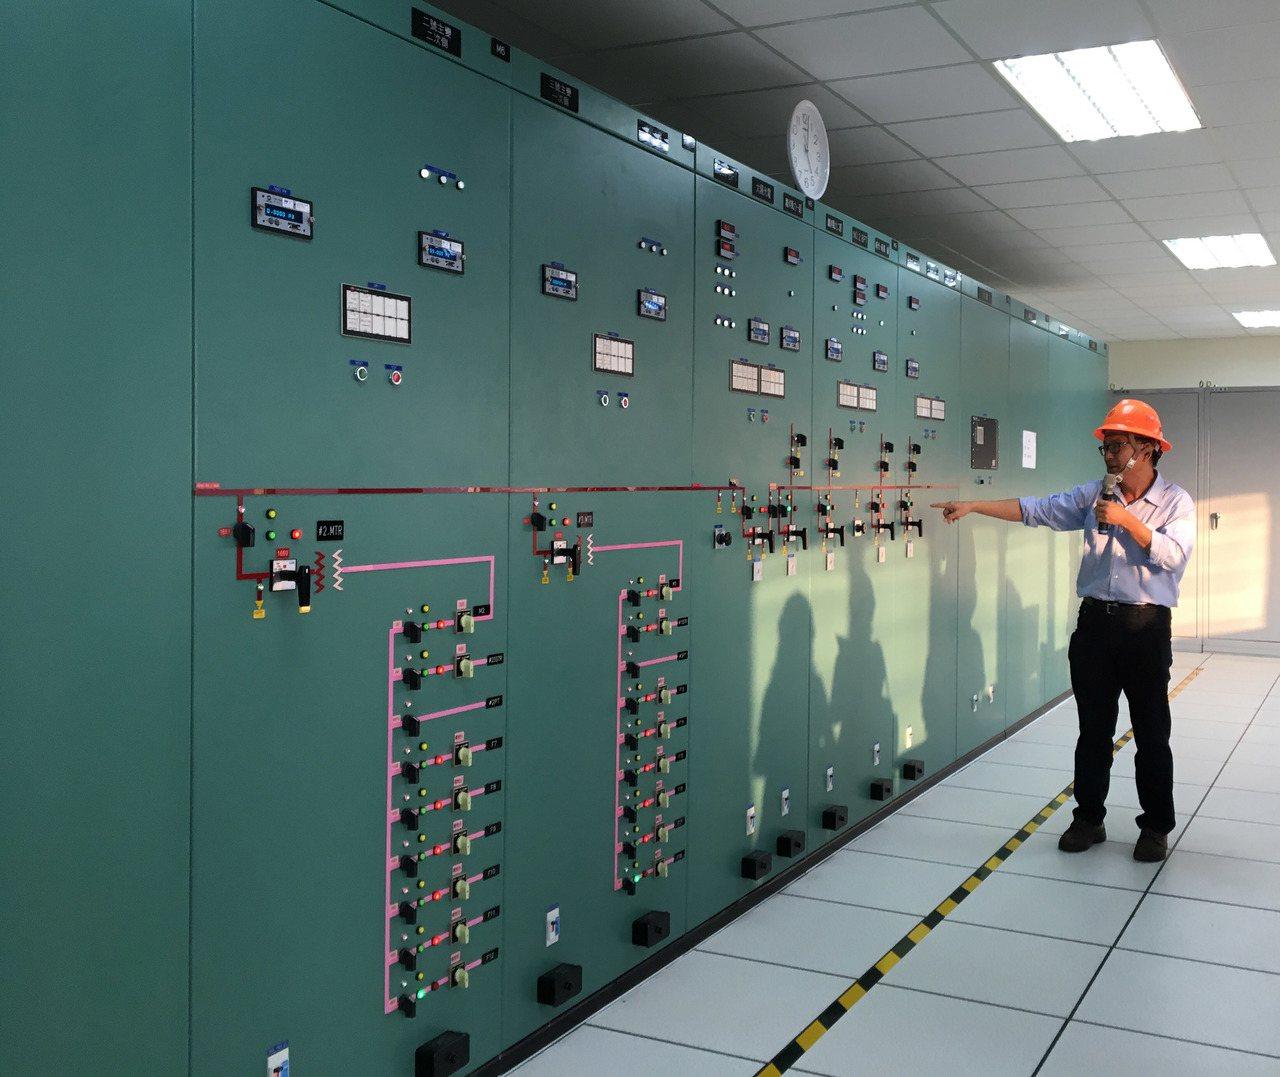 台電耗資新台幣606億元興建升壓站、開閉所等併網工程,其中,彰一開閉所工程場址已...